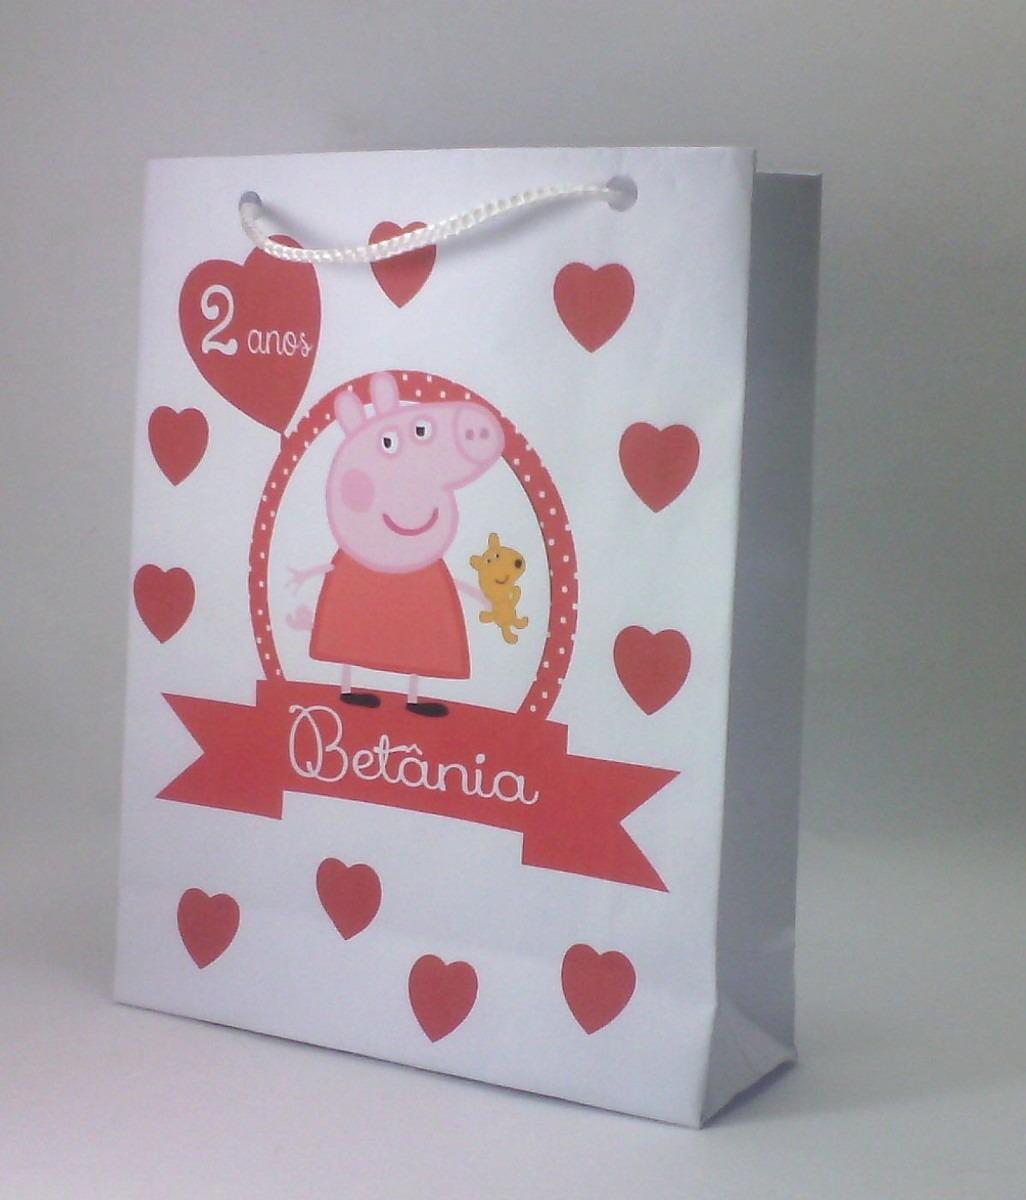 d6c87f3a7 Sacola Peppa Pig Personalizada 23x16cm (mod 4) 20uni - R$ 40,00 em ...